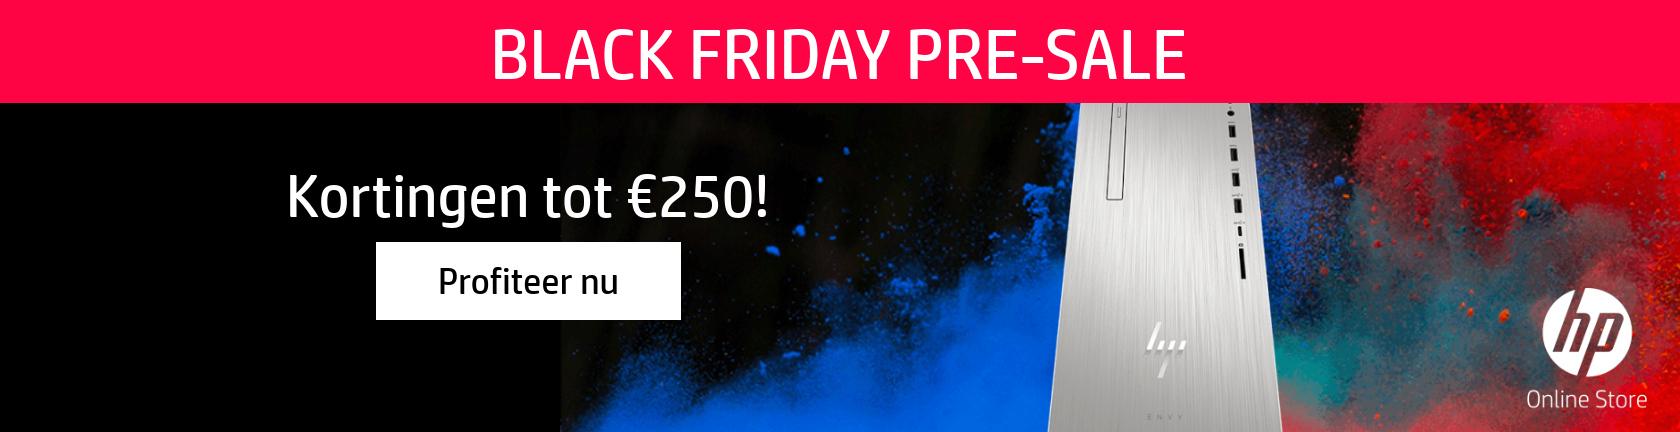 HP Black Friday Pre-SALE Kortingen tot €250! Profiteer nu